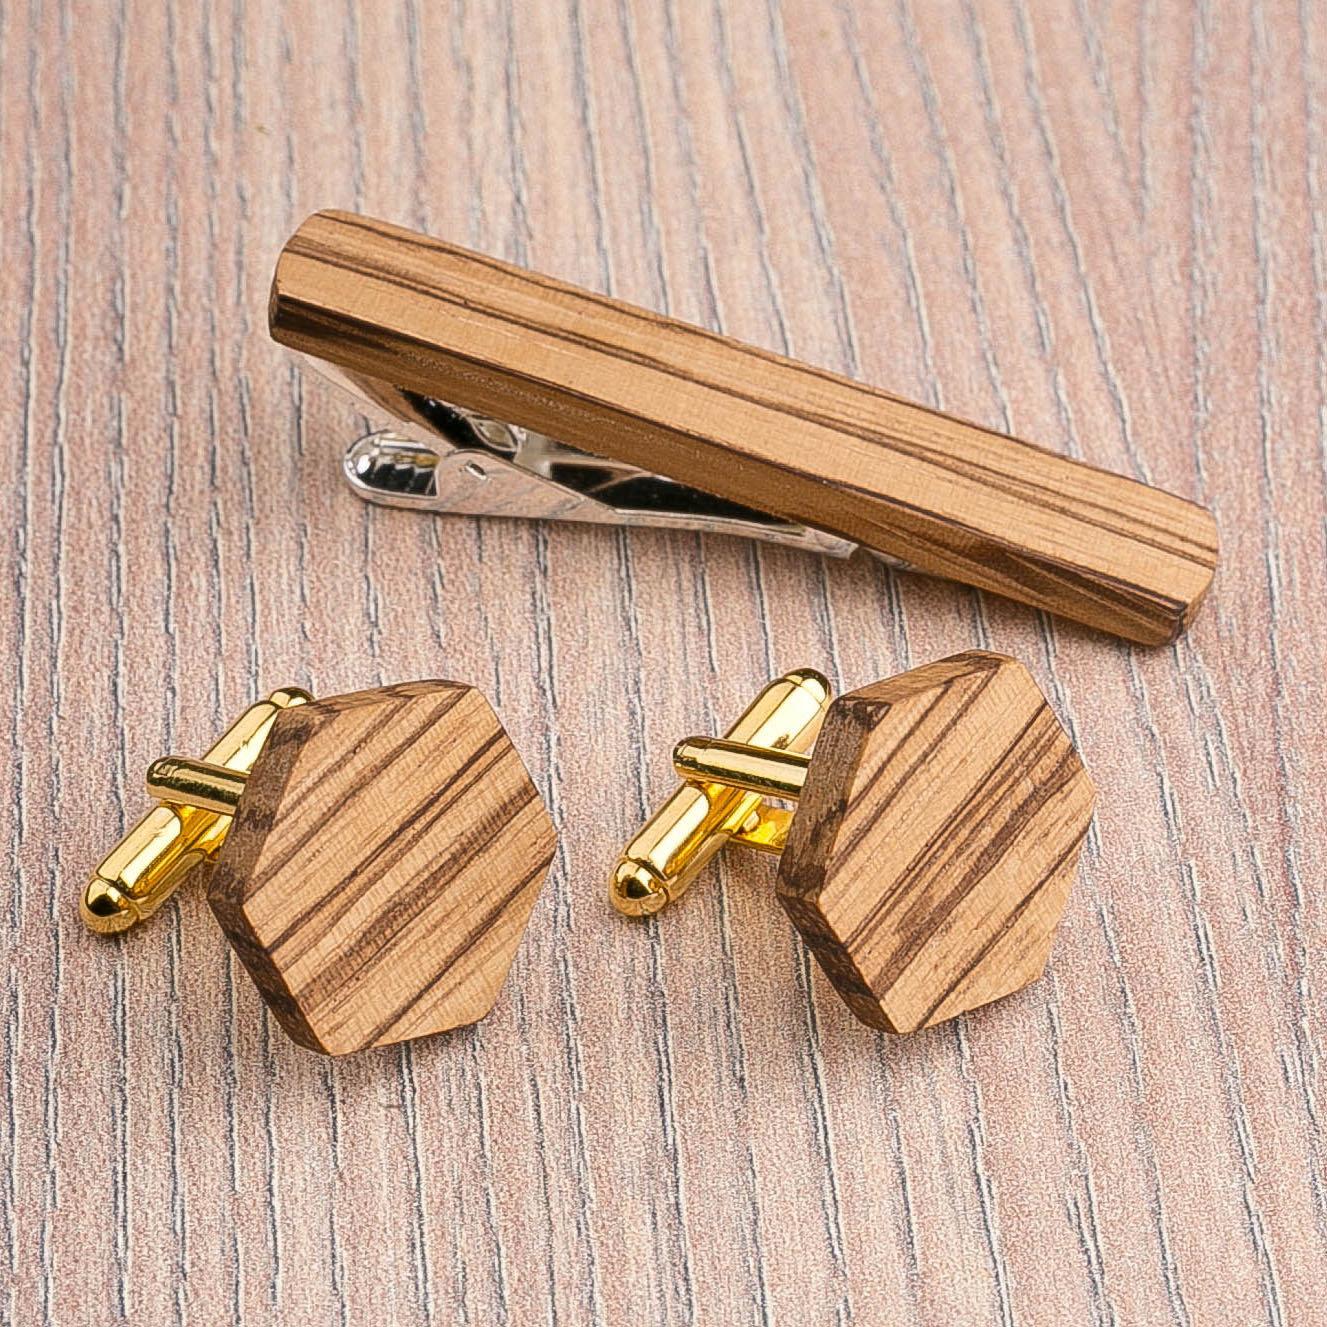 Комплект: Шестигранные запонки из дерева и Деревянный зажим для галстука. Массив зебрано. Гравировка инициалов. Упаковка в комплекте CufflinksSet-OctagonZebranoH